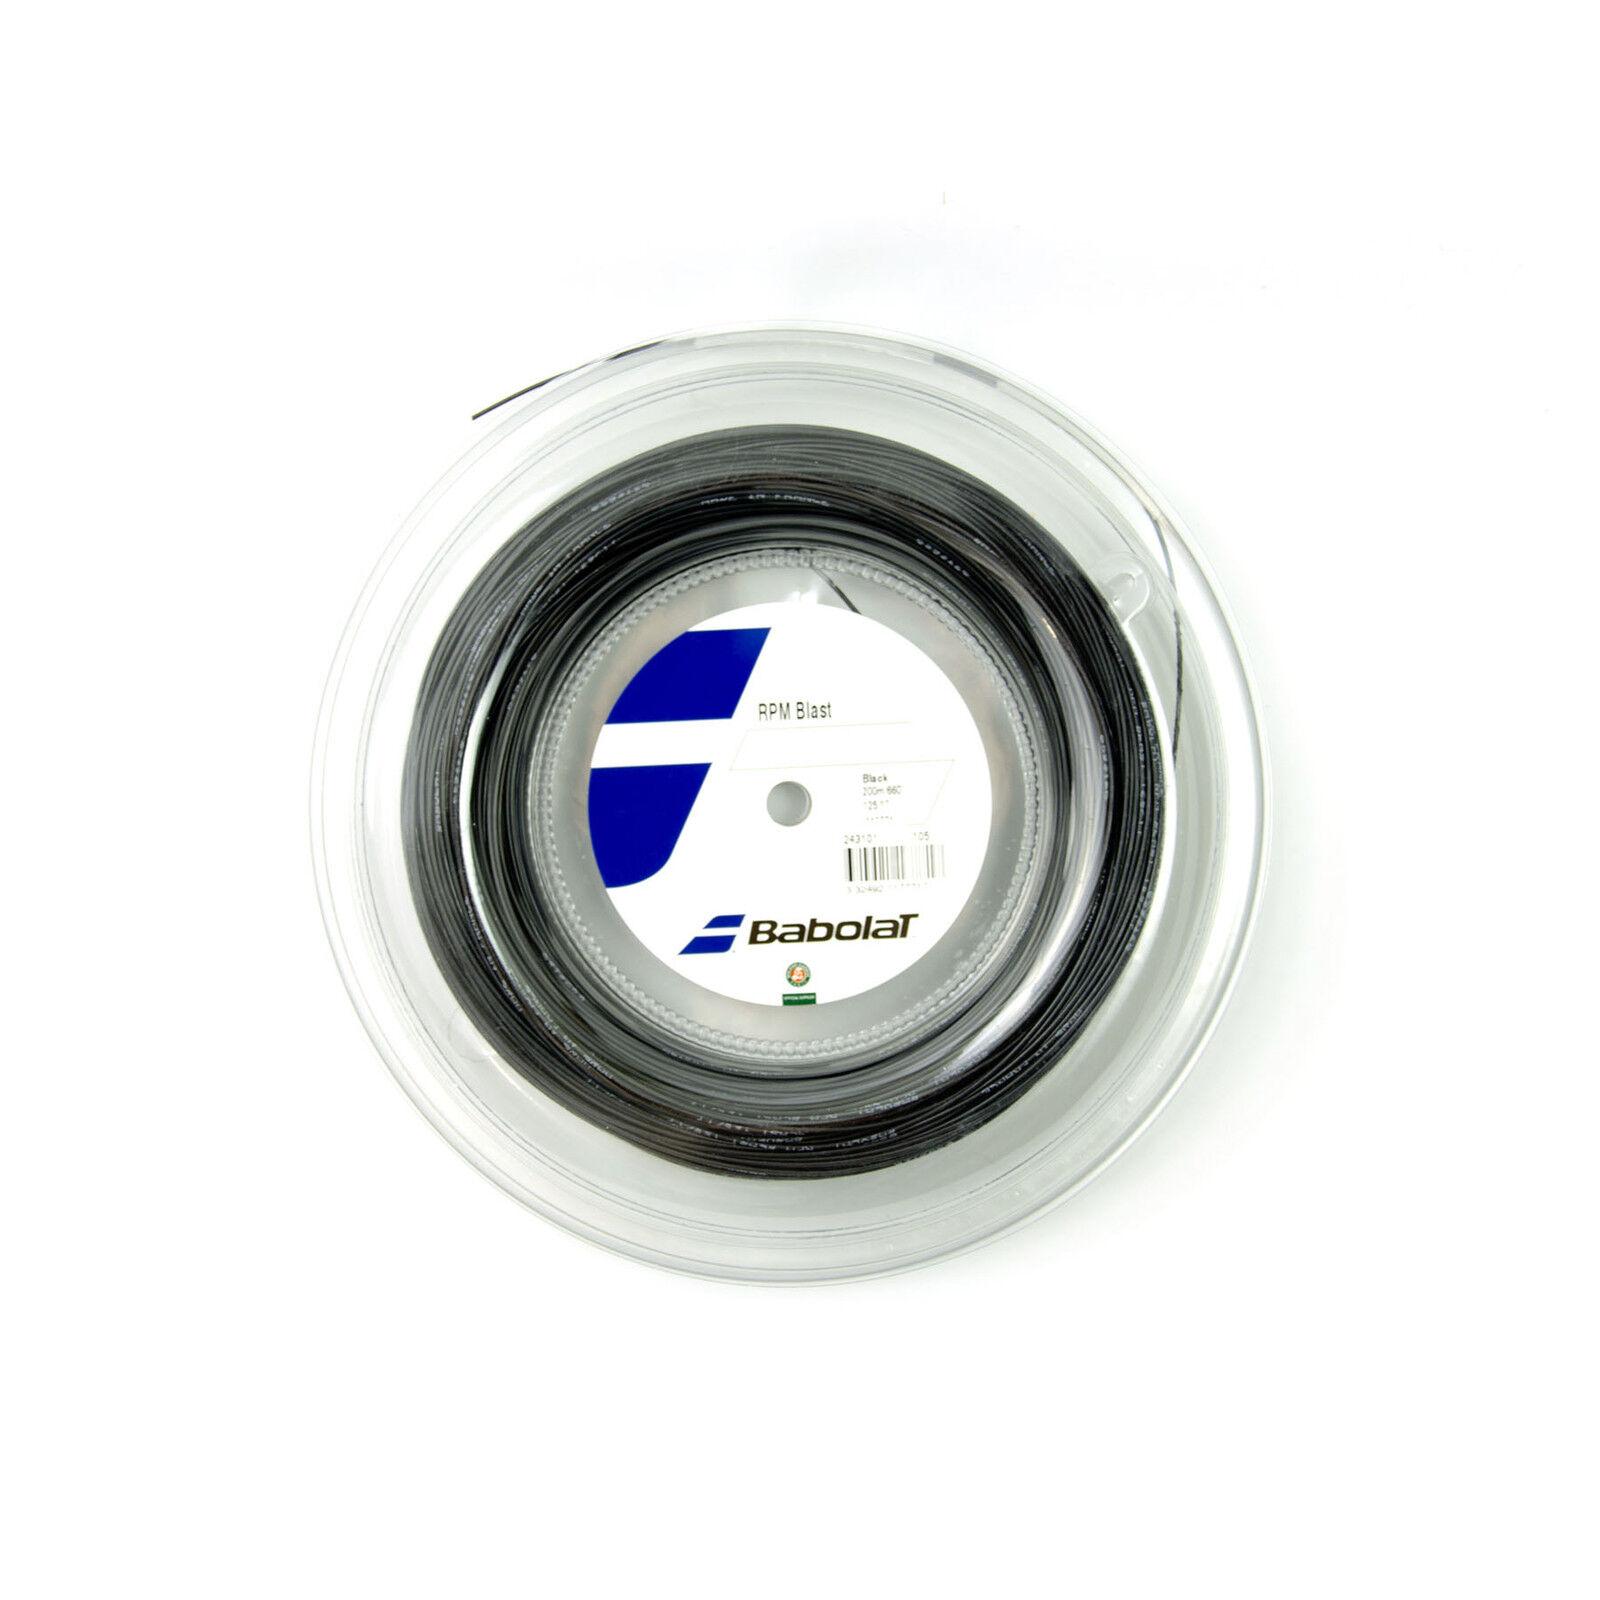 NEUBabolat RPM Blast Saitenrolle 1.25mm Tennis 200m schwarz 17 string string string reel new f33b86